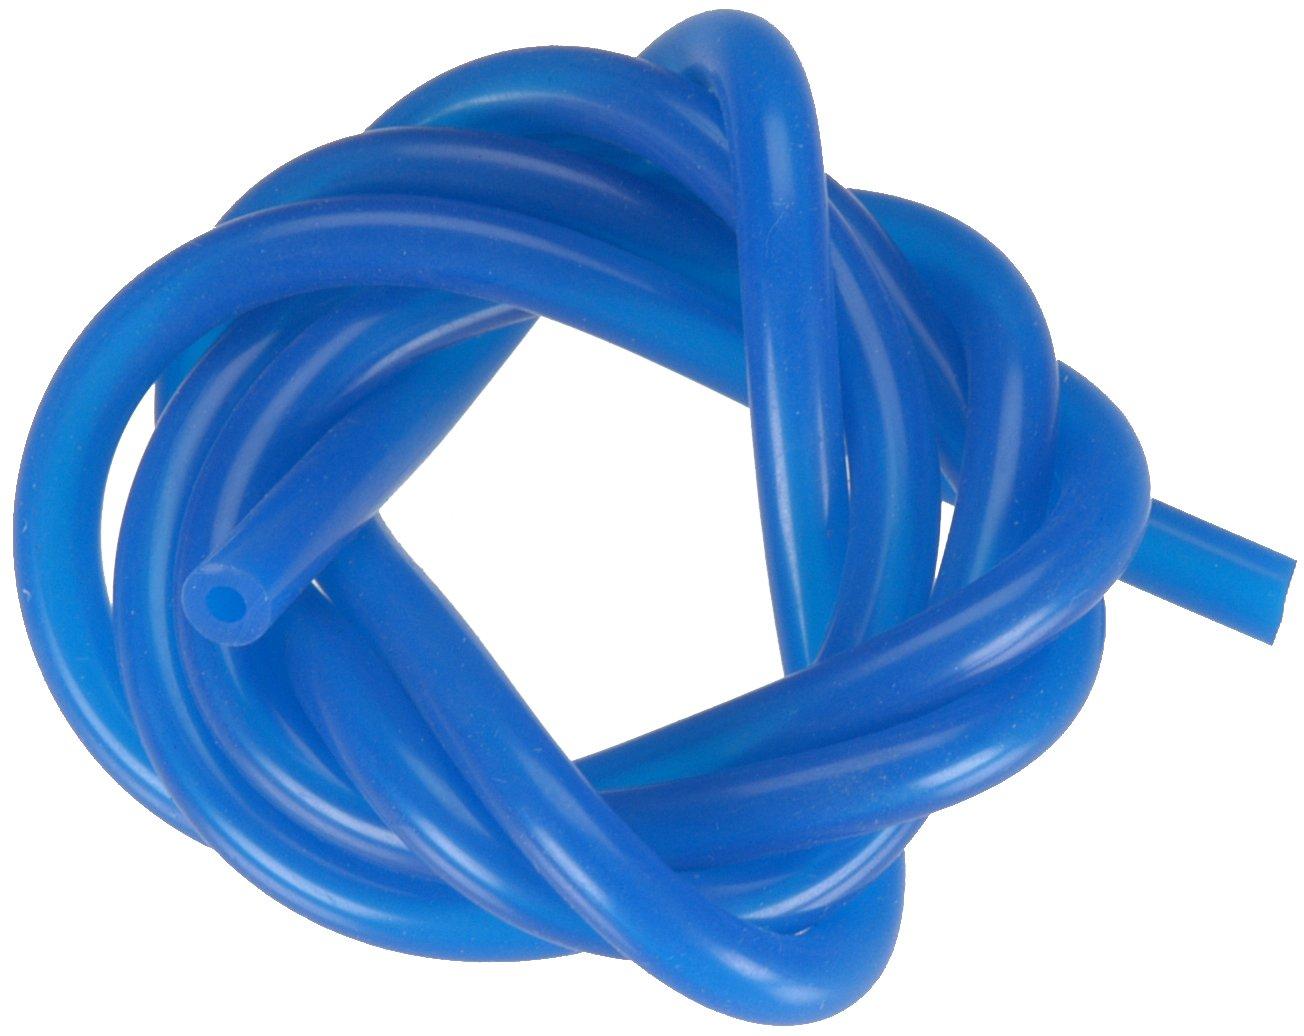 AquaCraft Blau Water Tubing SV27 Nitro 3' AQUB6904